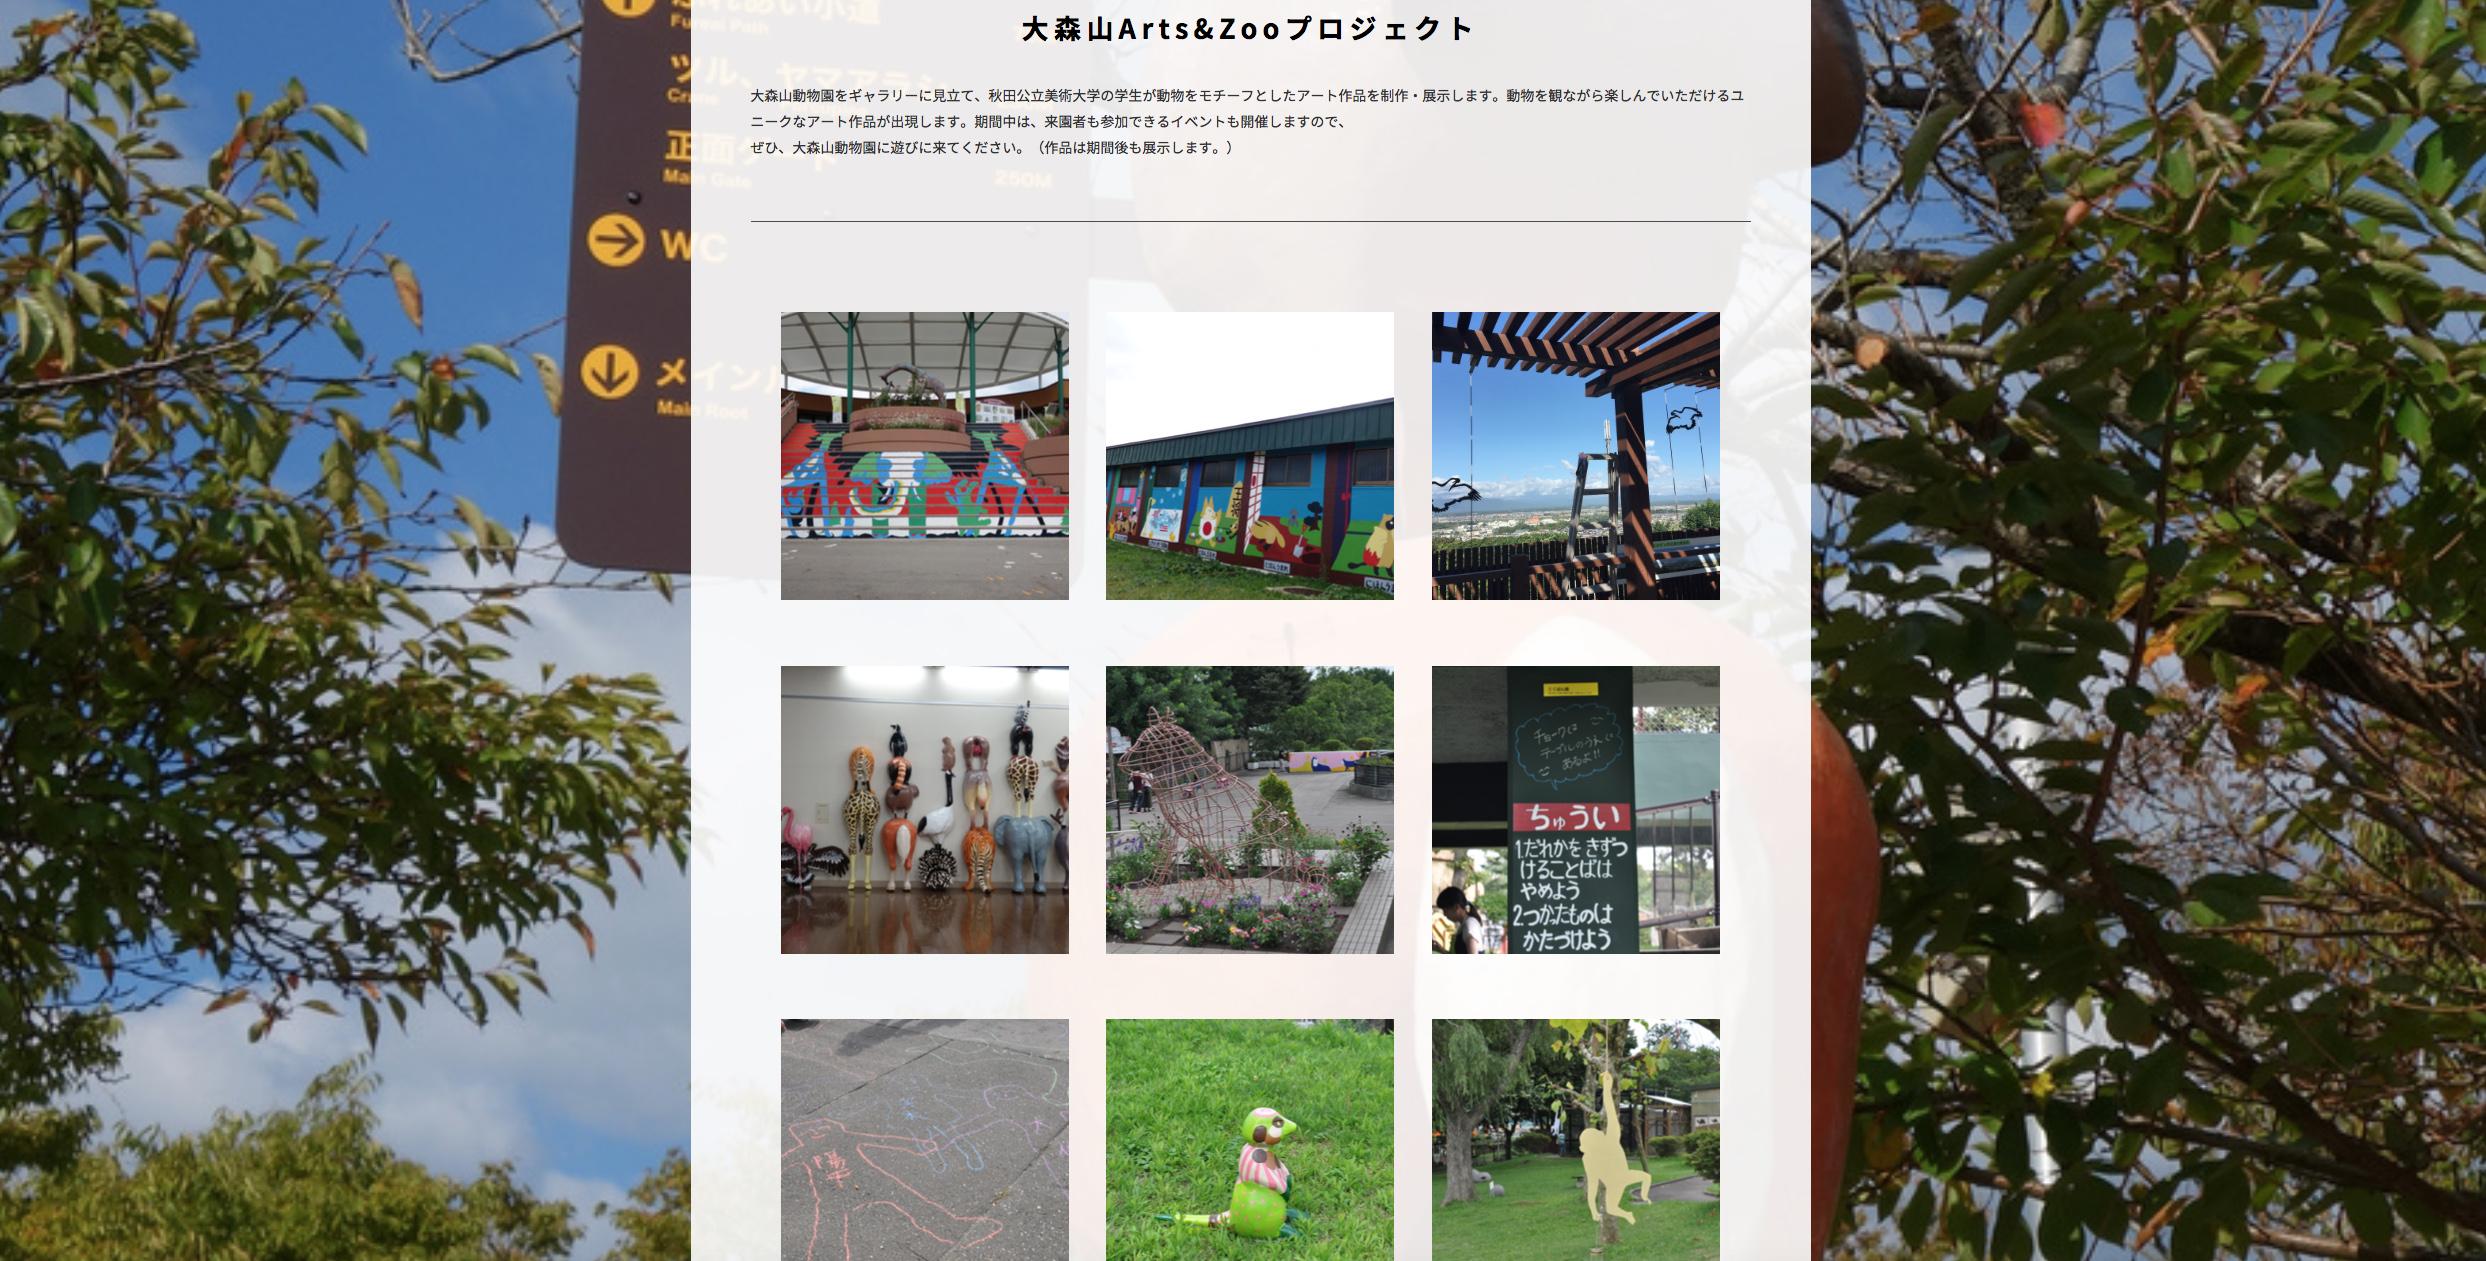 大森山Arts&Zooプロジェクト